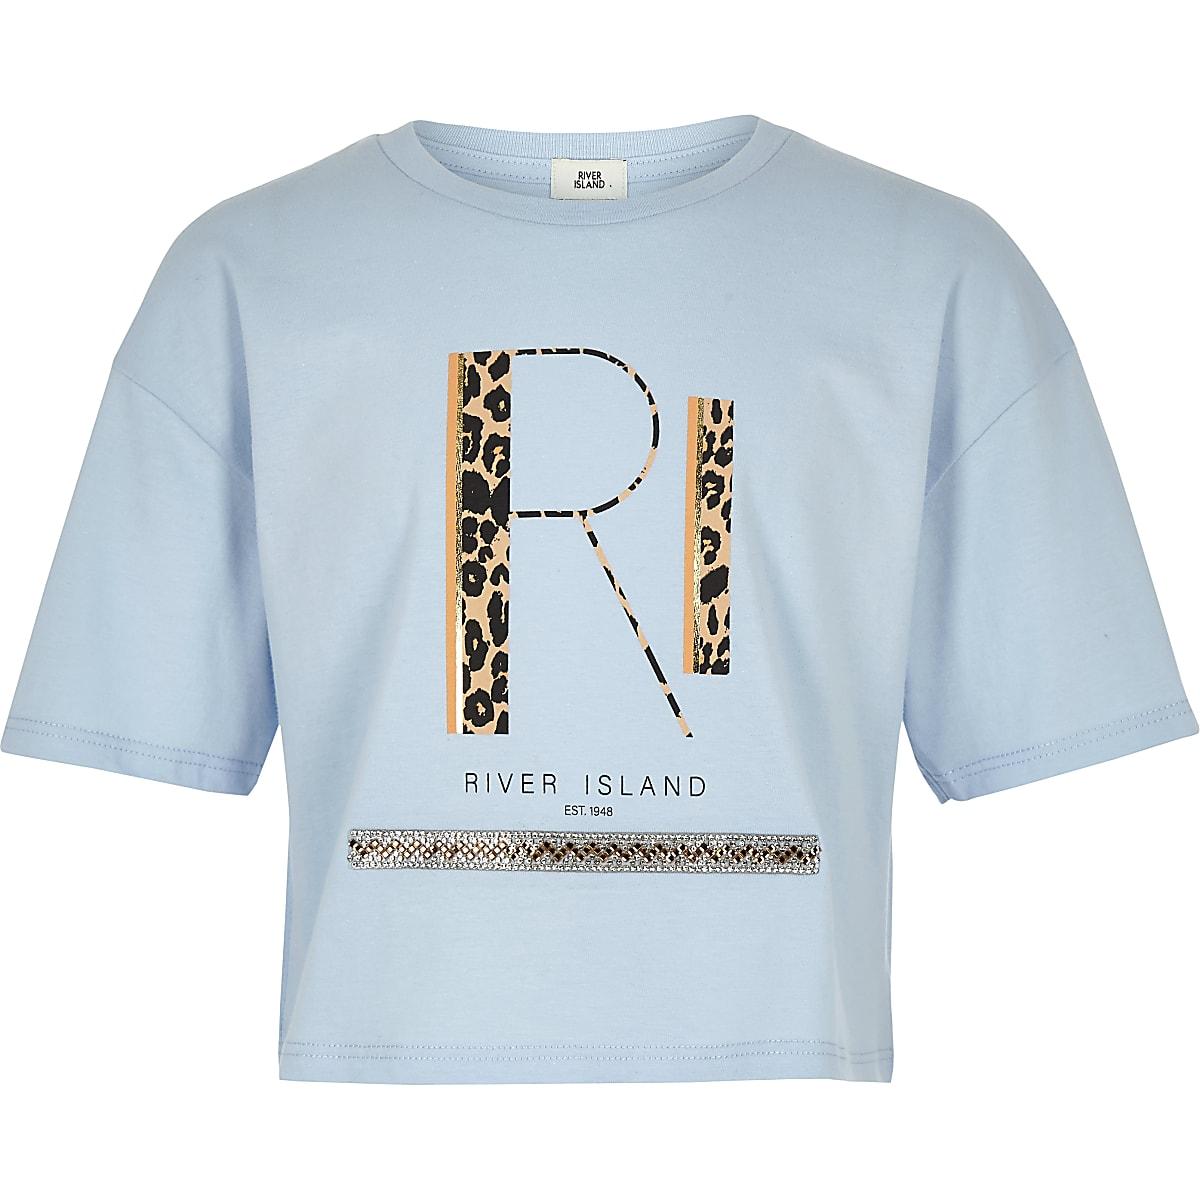 304496ed0cabc T-shirt bleu avec logo RI à imprimé léopard pour fille - T-shirts ...